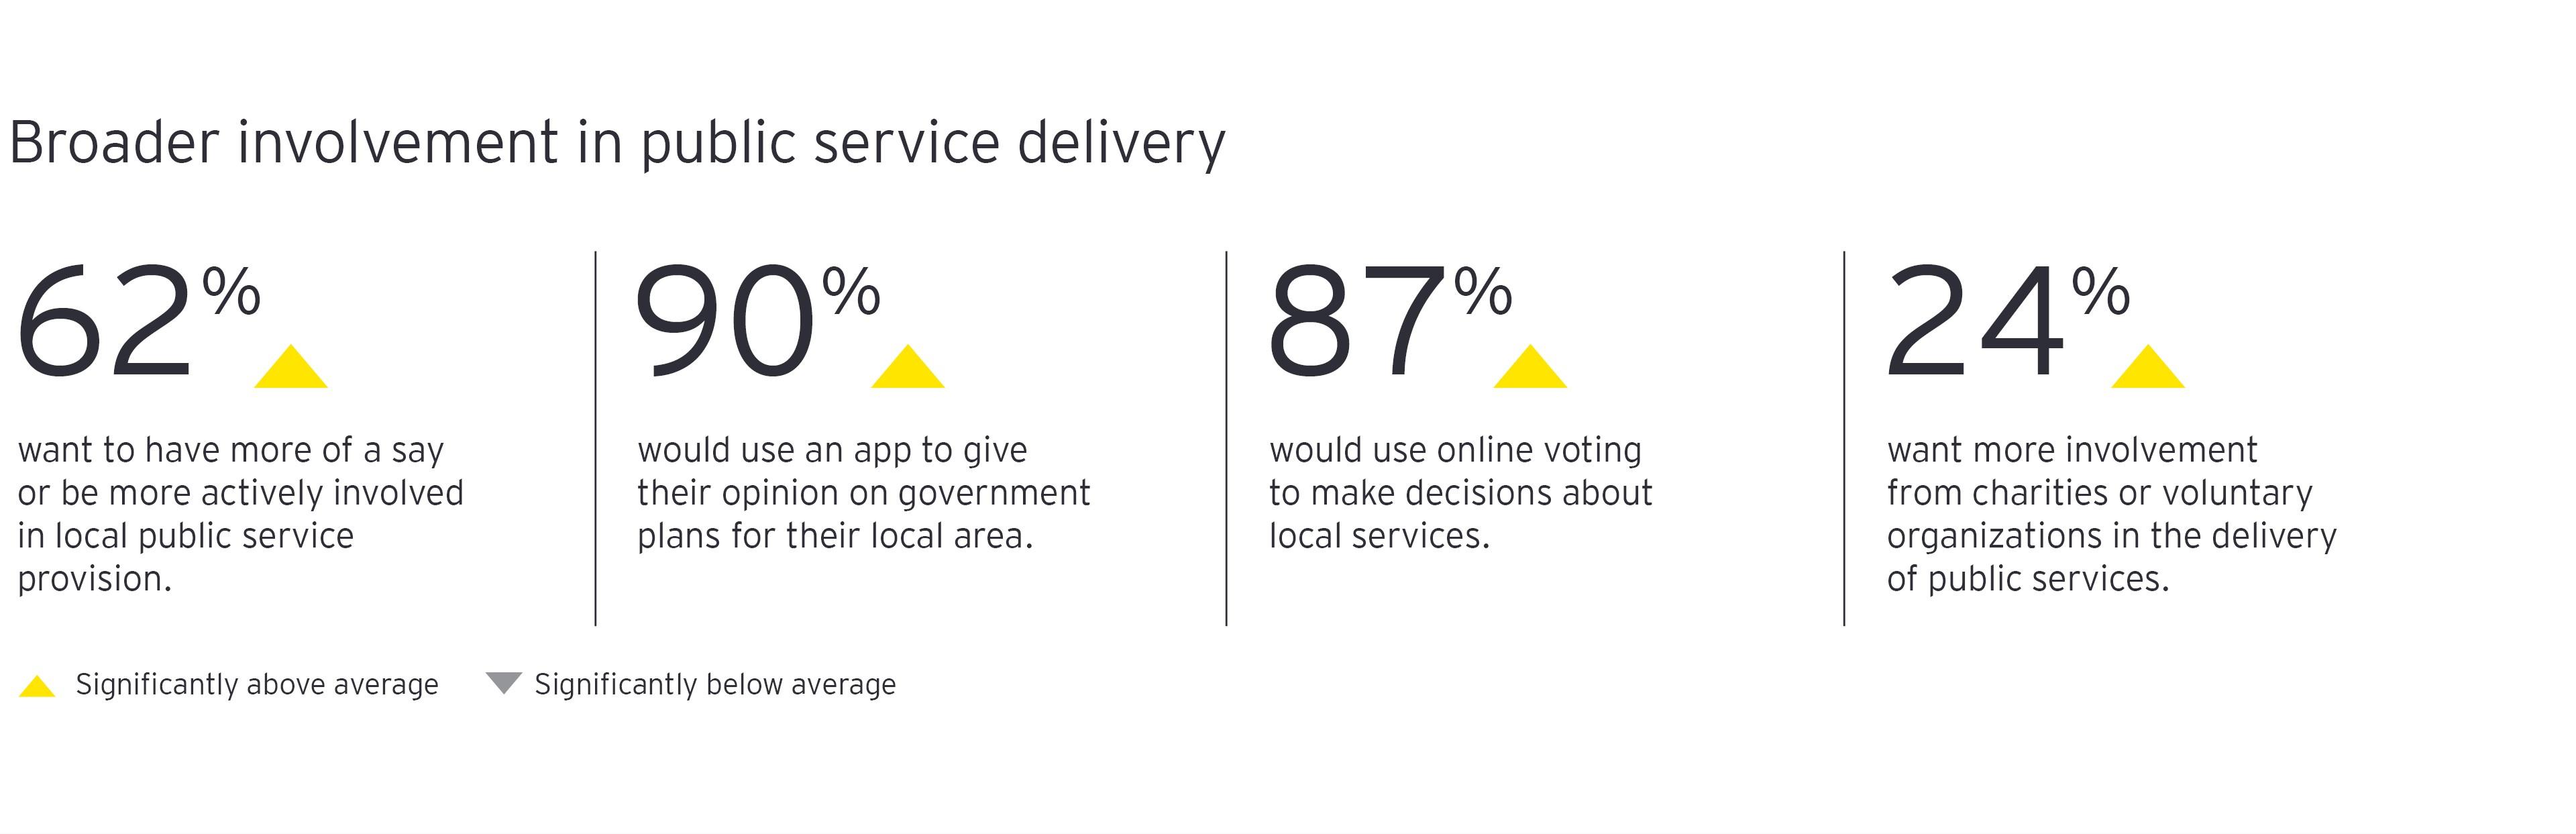 Mayor participación en la prestación de servicios públicos gráfico